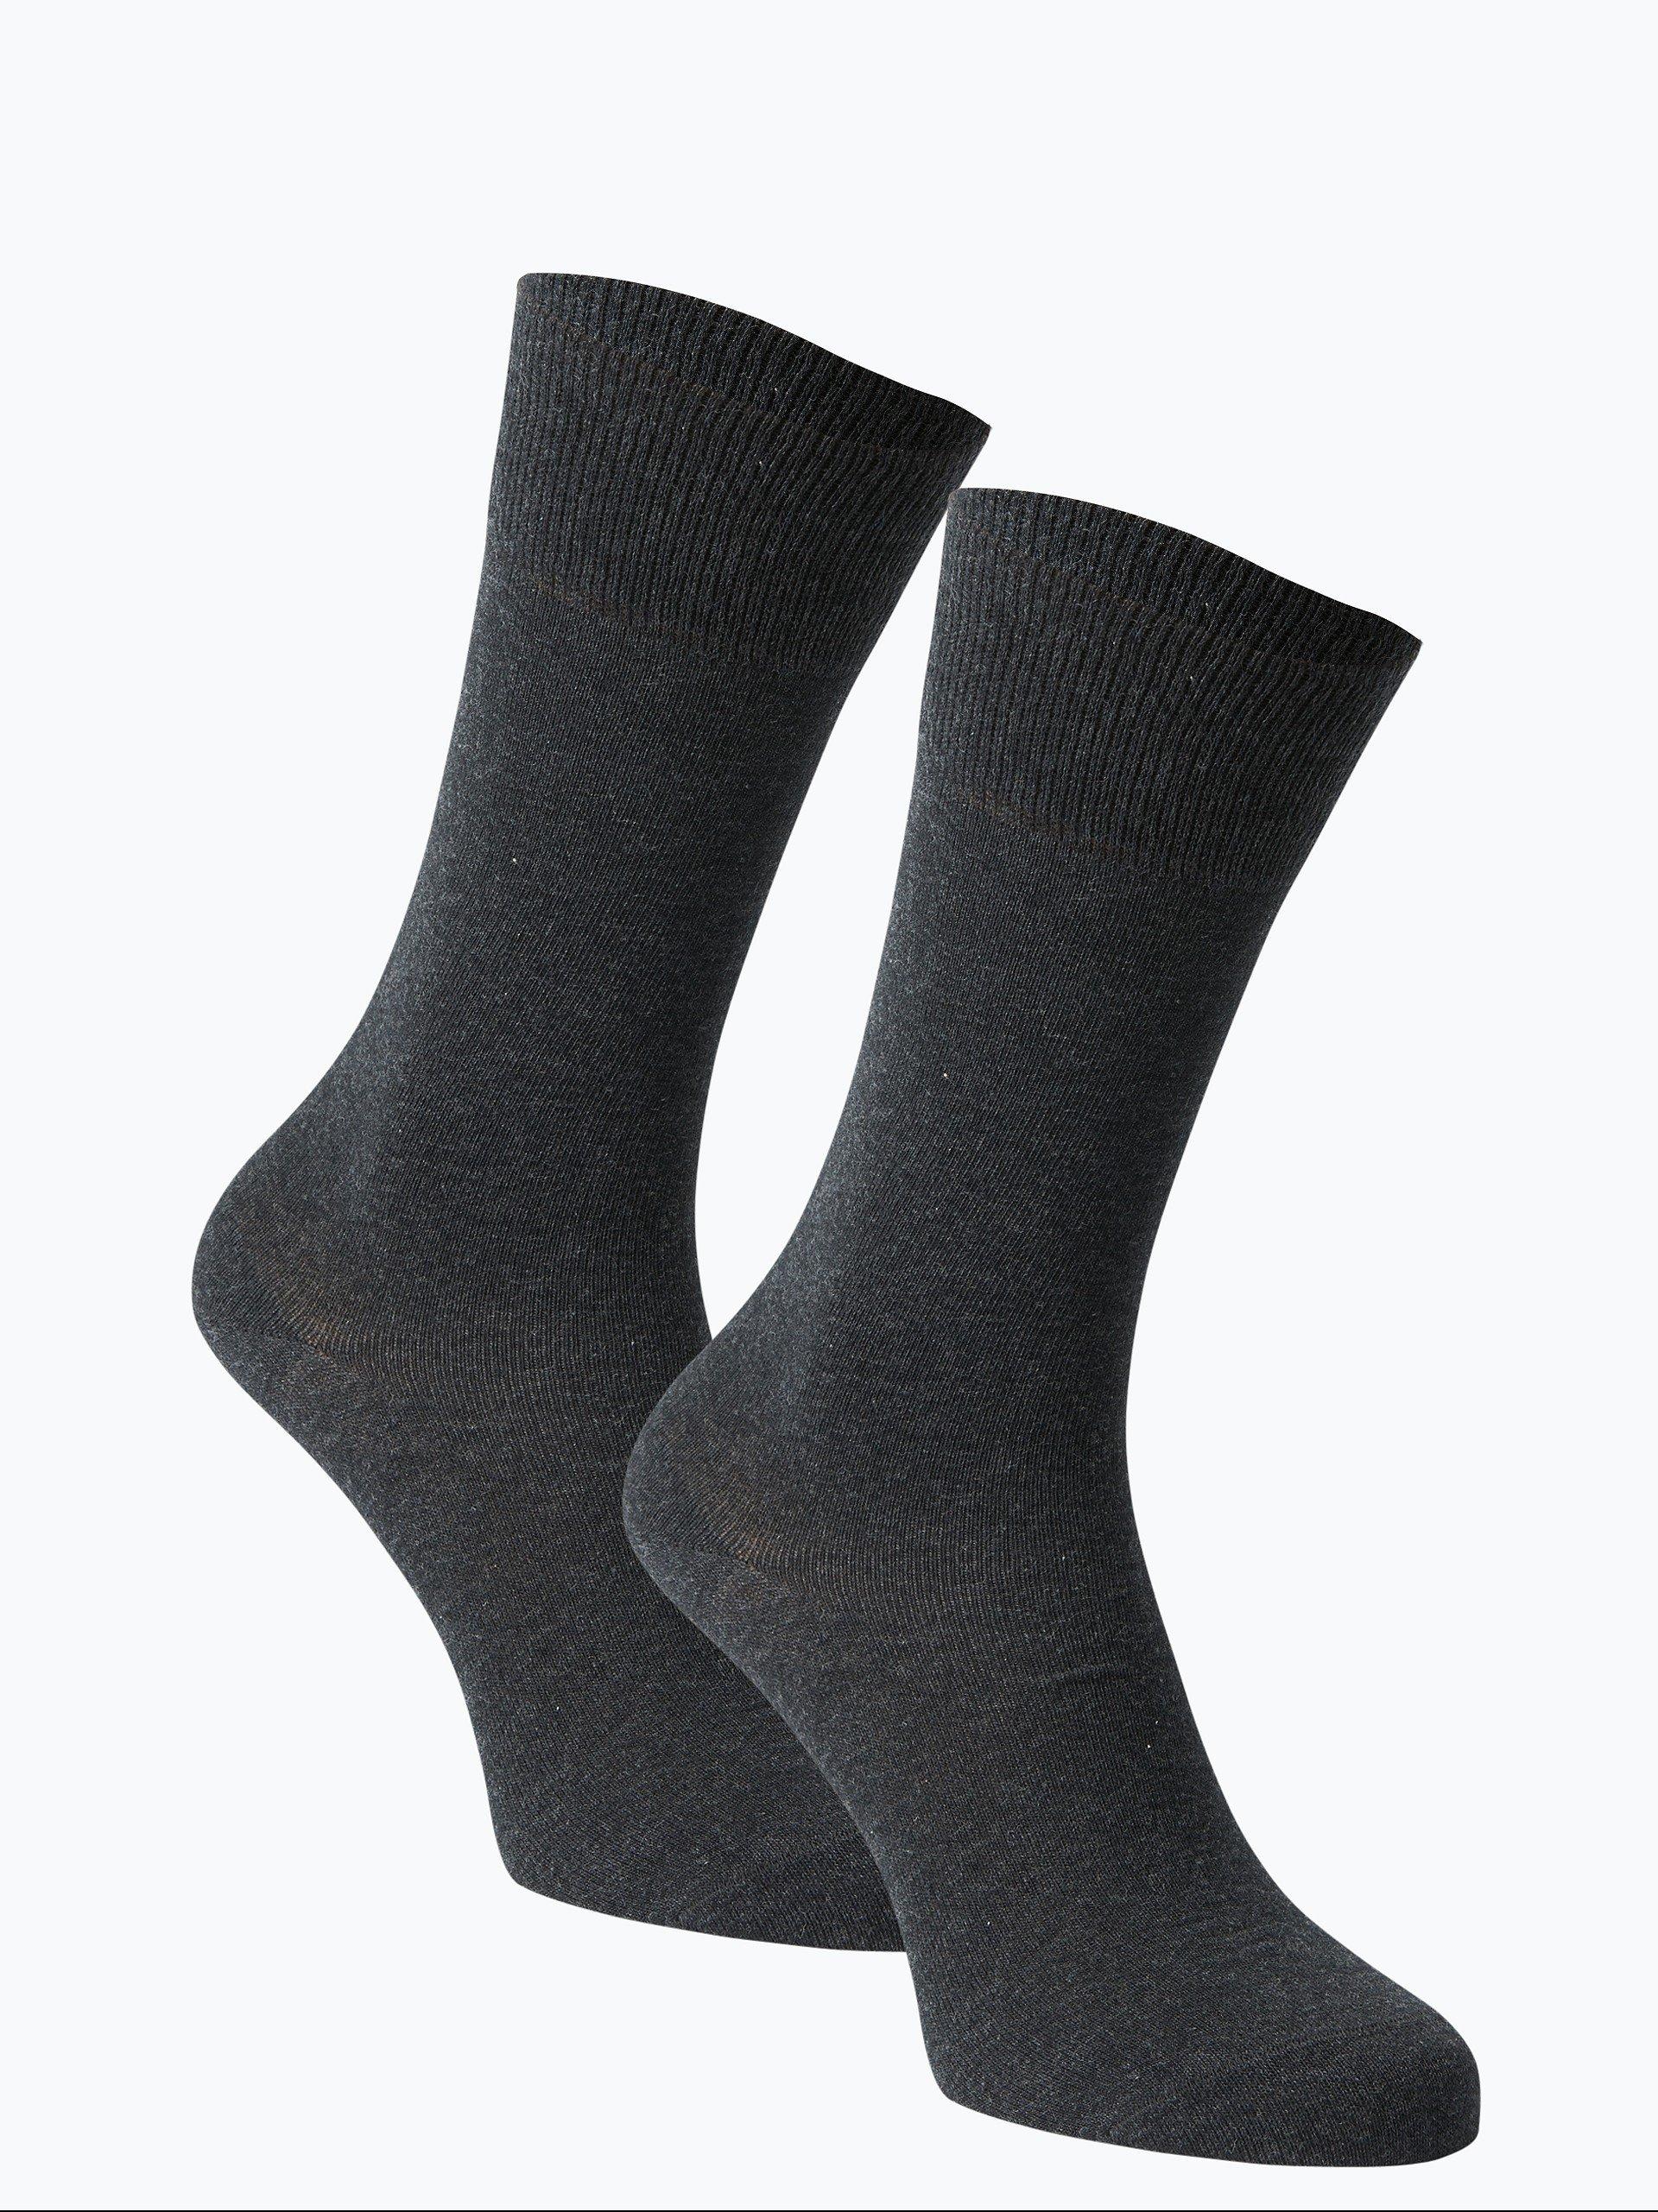 FALKE Herren Socken im 2er-Pack - Swing